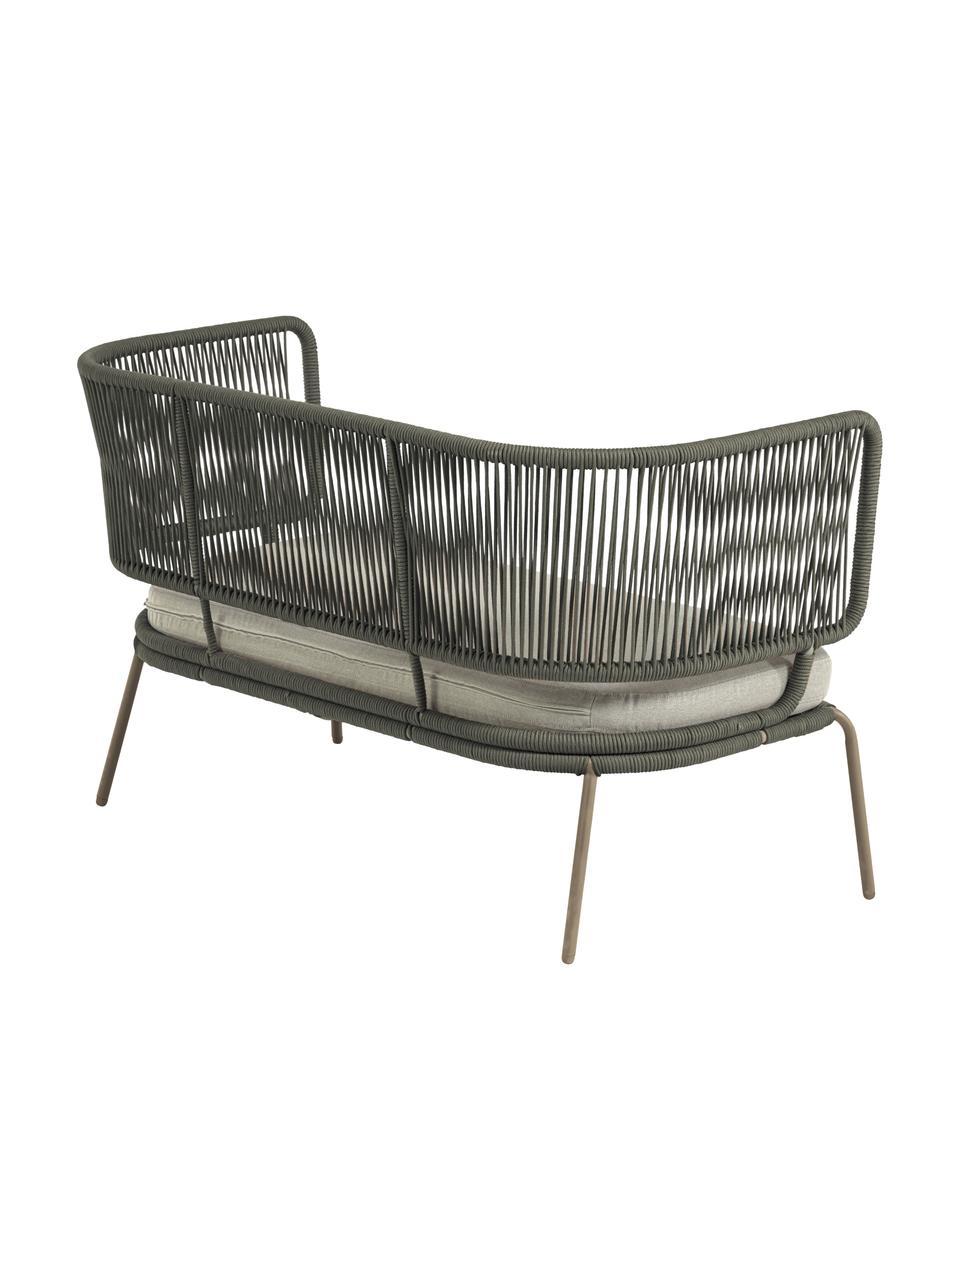 Tuin loungebank Nadin (2-zits), Frame: verzinkt metaal en gelakt, Bekleding: polyester, Groen, 135 x 65 cm